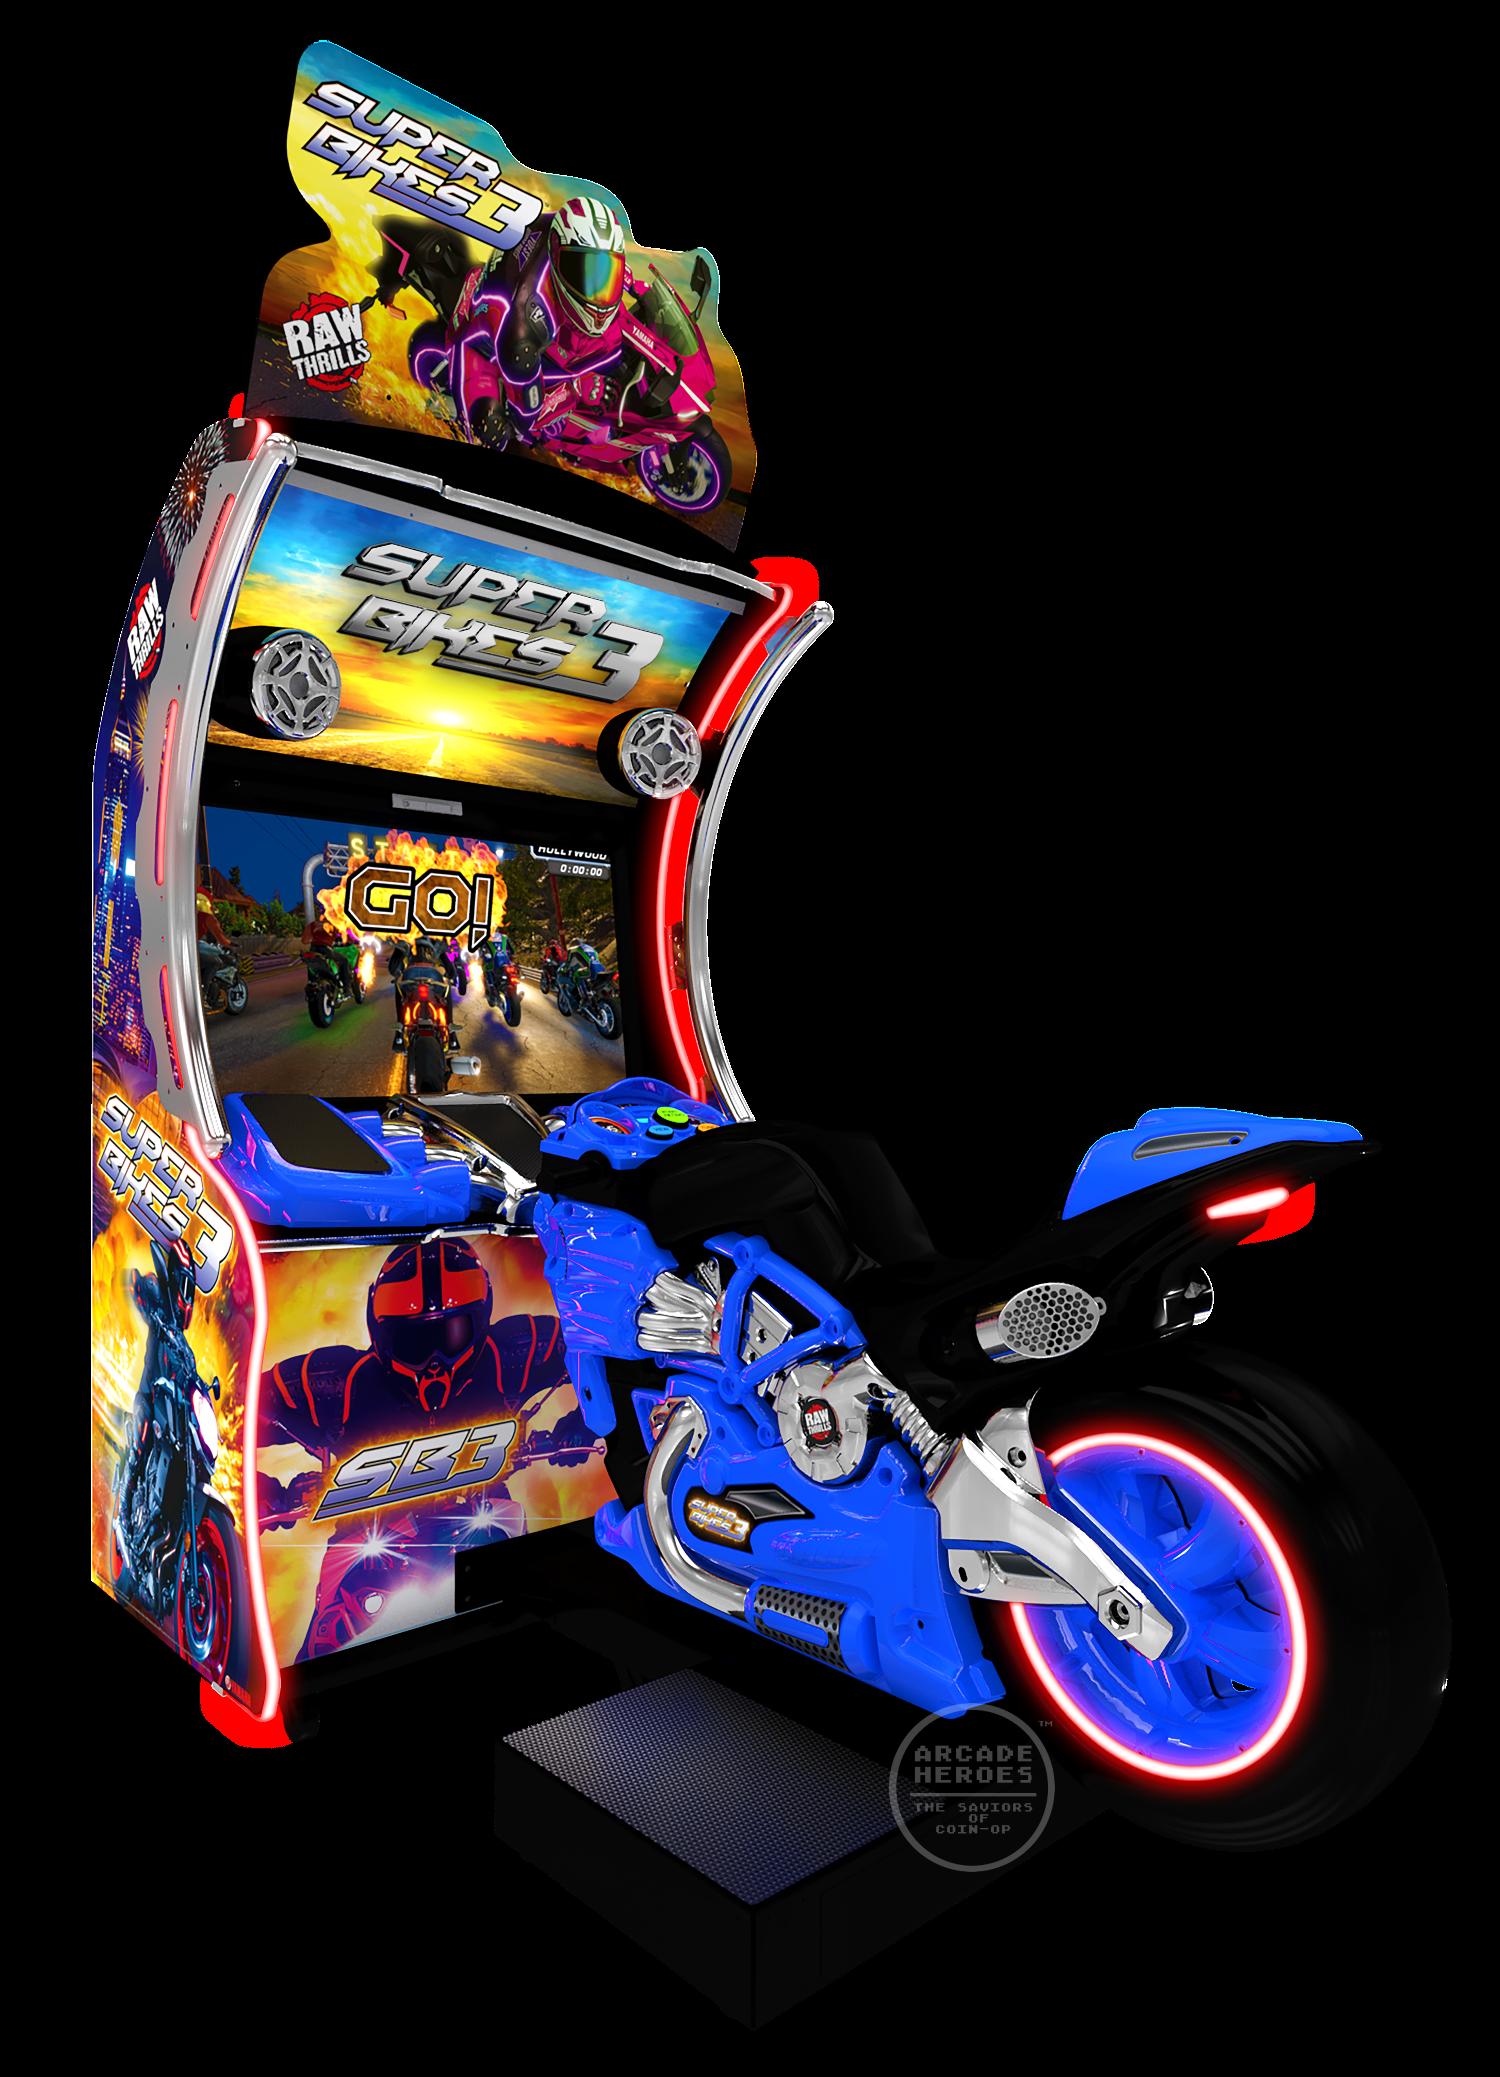 Super Bikes 3 by Raw Thrills